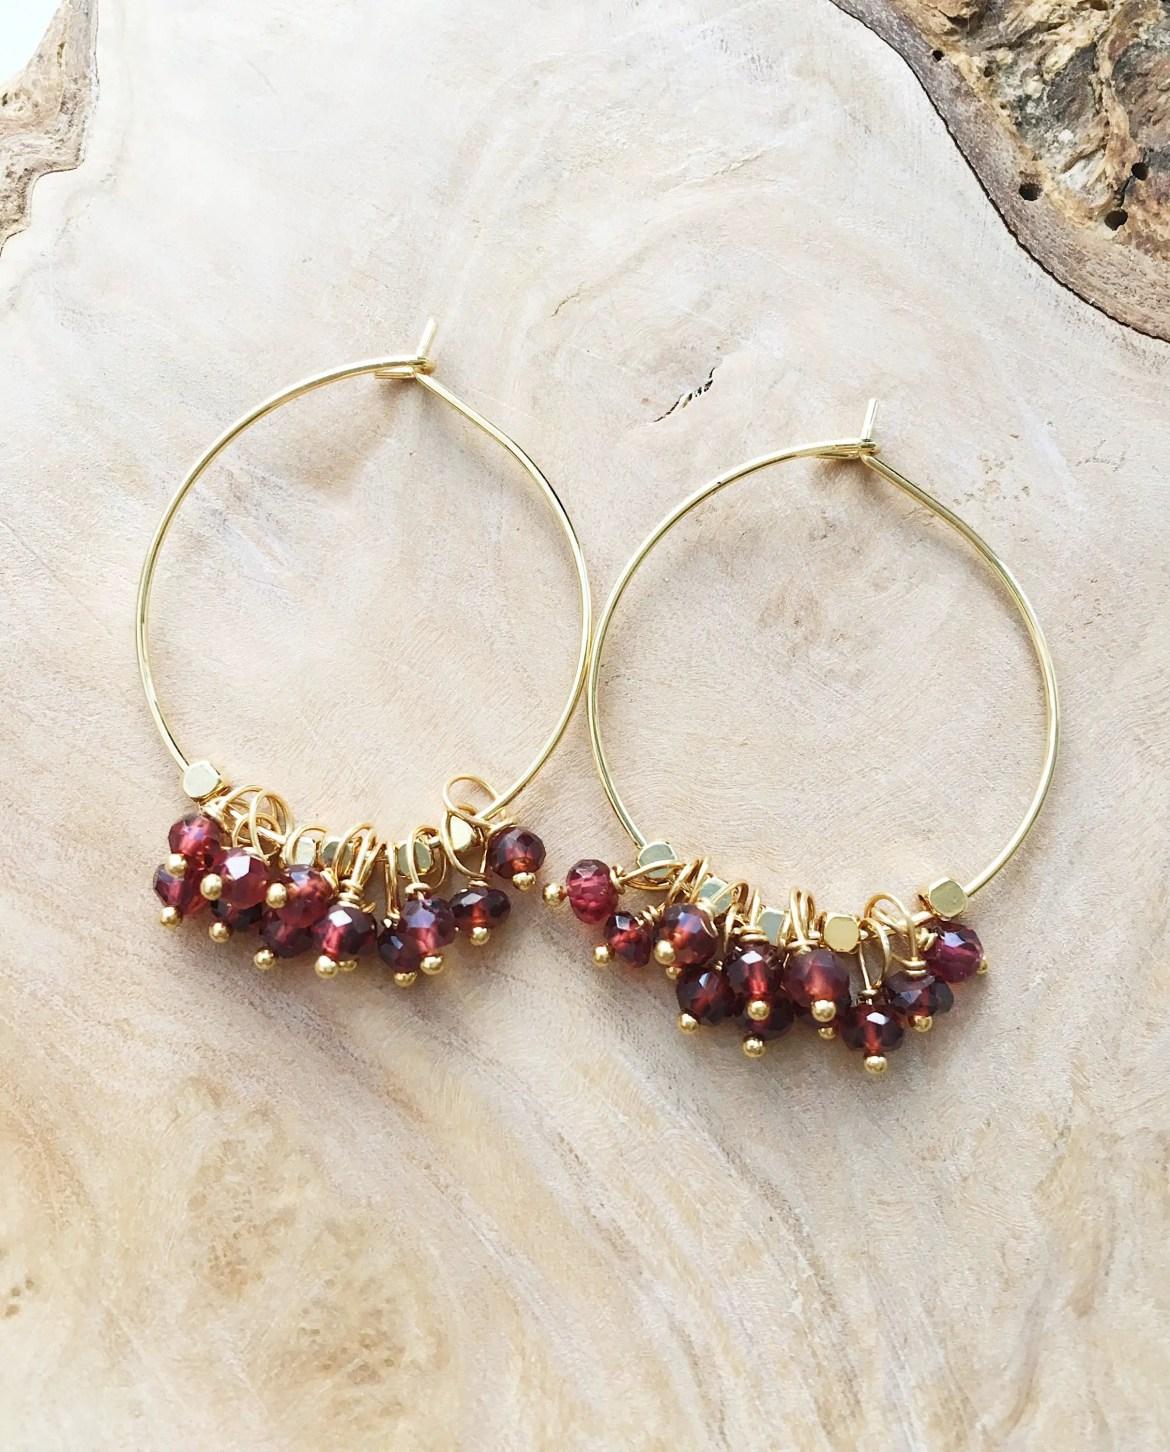 garnet jewelry etsy seller laura stark via http://etsy.me/2mKmIP1